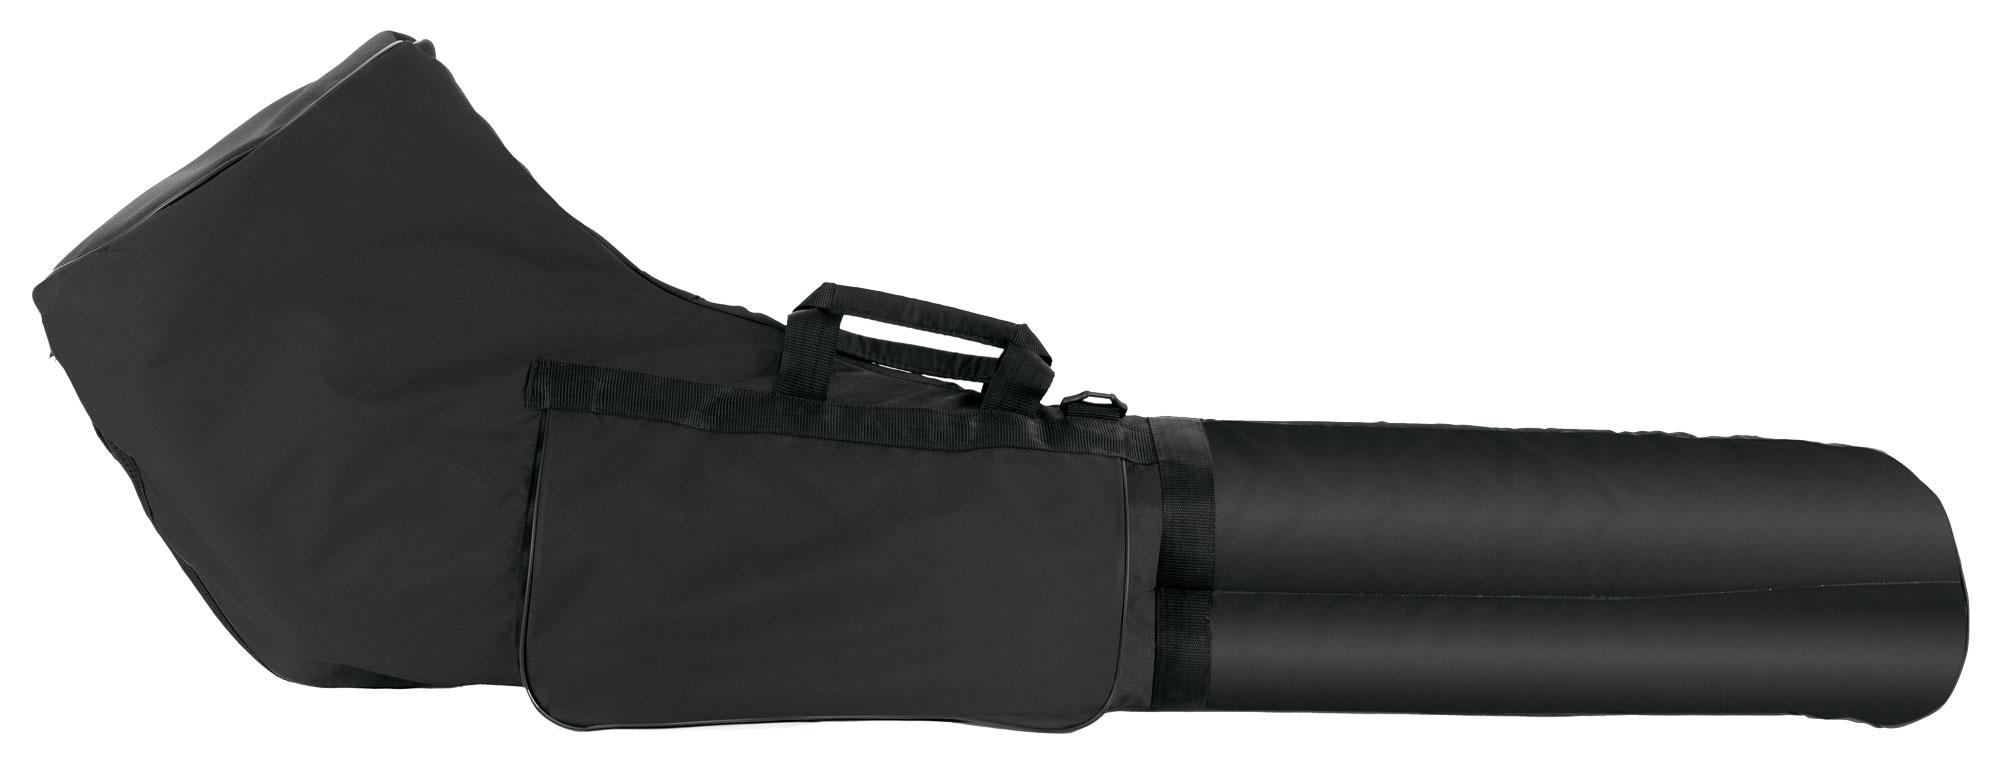 Blaeserzubehoer - Lechgold Alphorntasche für Modell Spitzenklasse - Onlineshop Musikhaus Kirstein